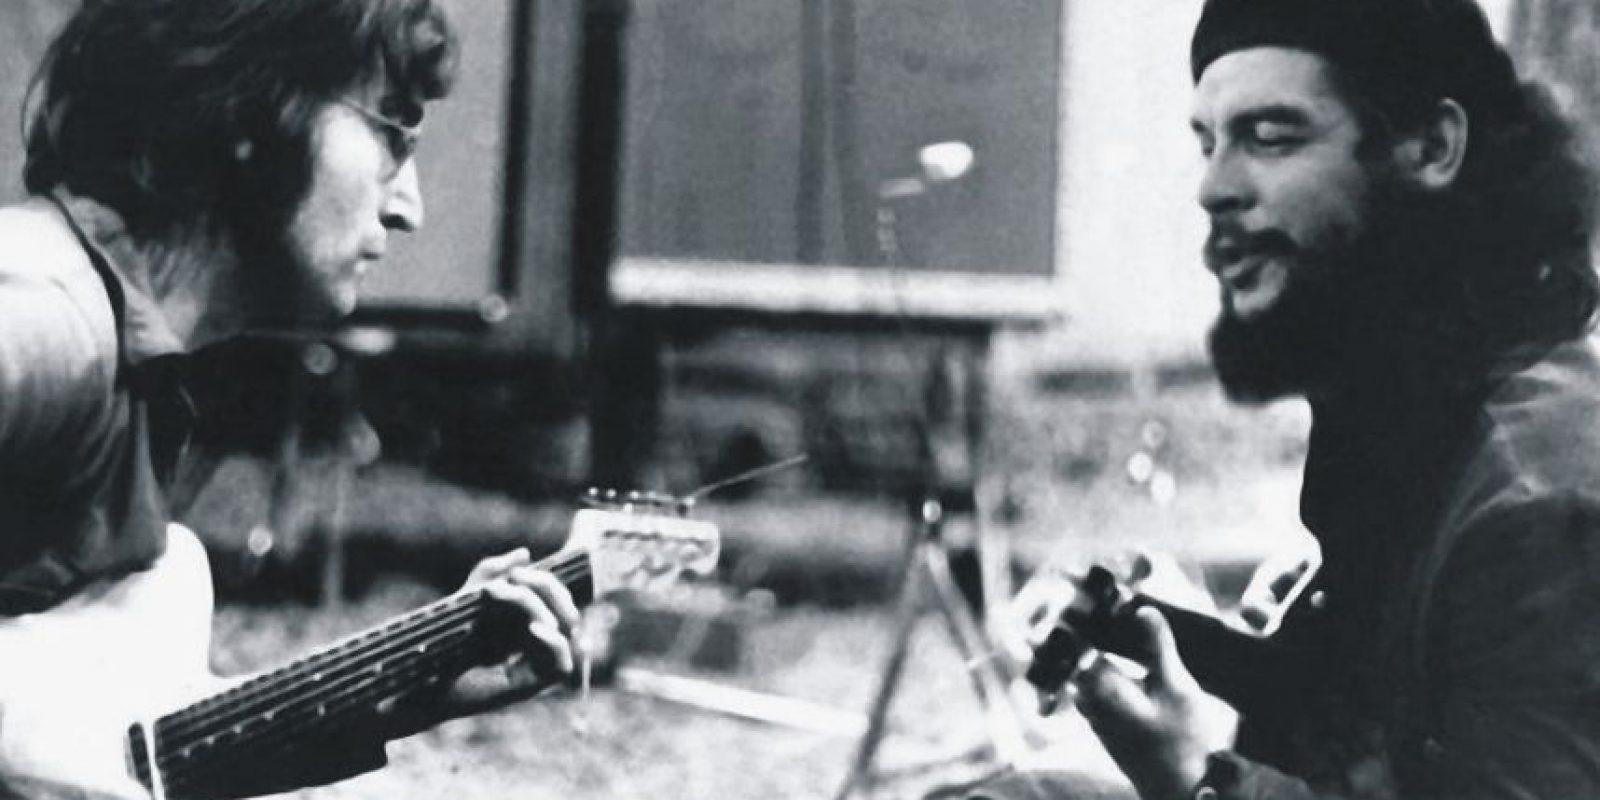 John Lennon tocando con el Che Guevara. ¿Toco alguna vez Lennon con el popular revolucionario e icono de camisetas? No. Se trata de un montaje en el que alguien colocó la cara del Che sobre la del guitarrista Wayne 'Tex' Gsbriel, que es quien de verdad sale en la imagen. Foto:Giz Modo